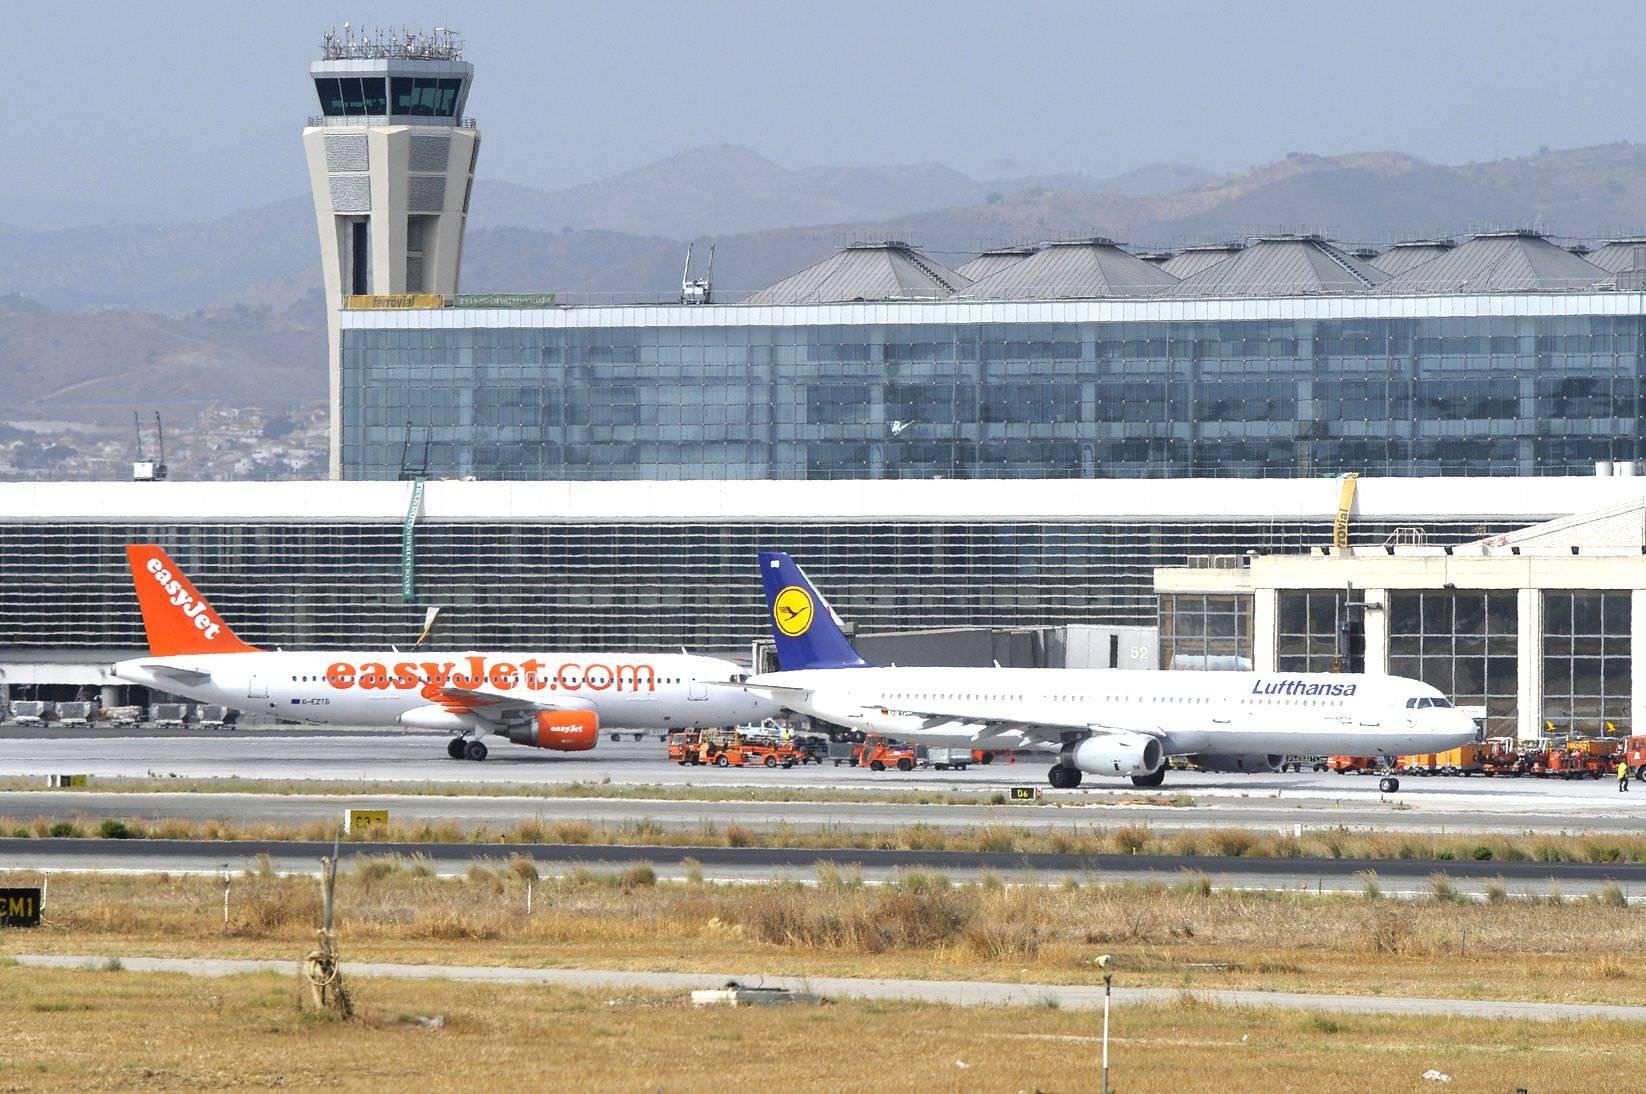 Малага испания как добраться от аэропорта до города | авиакомпании и авиалинии россии и мира